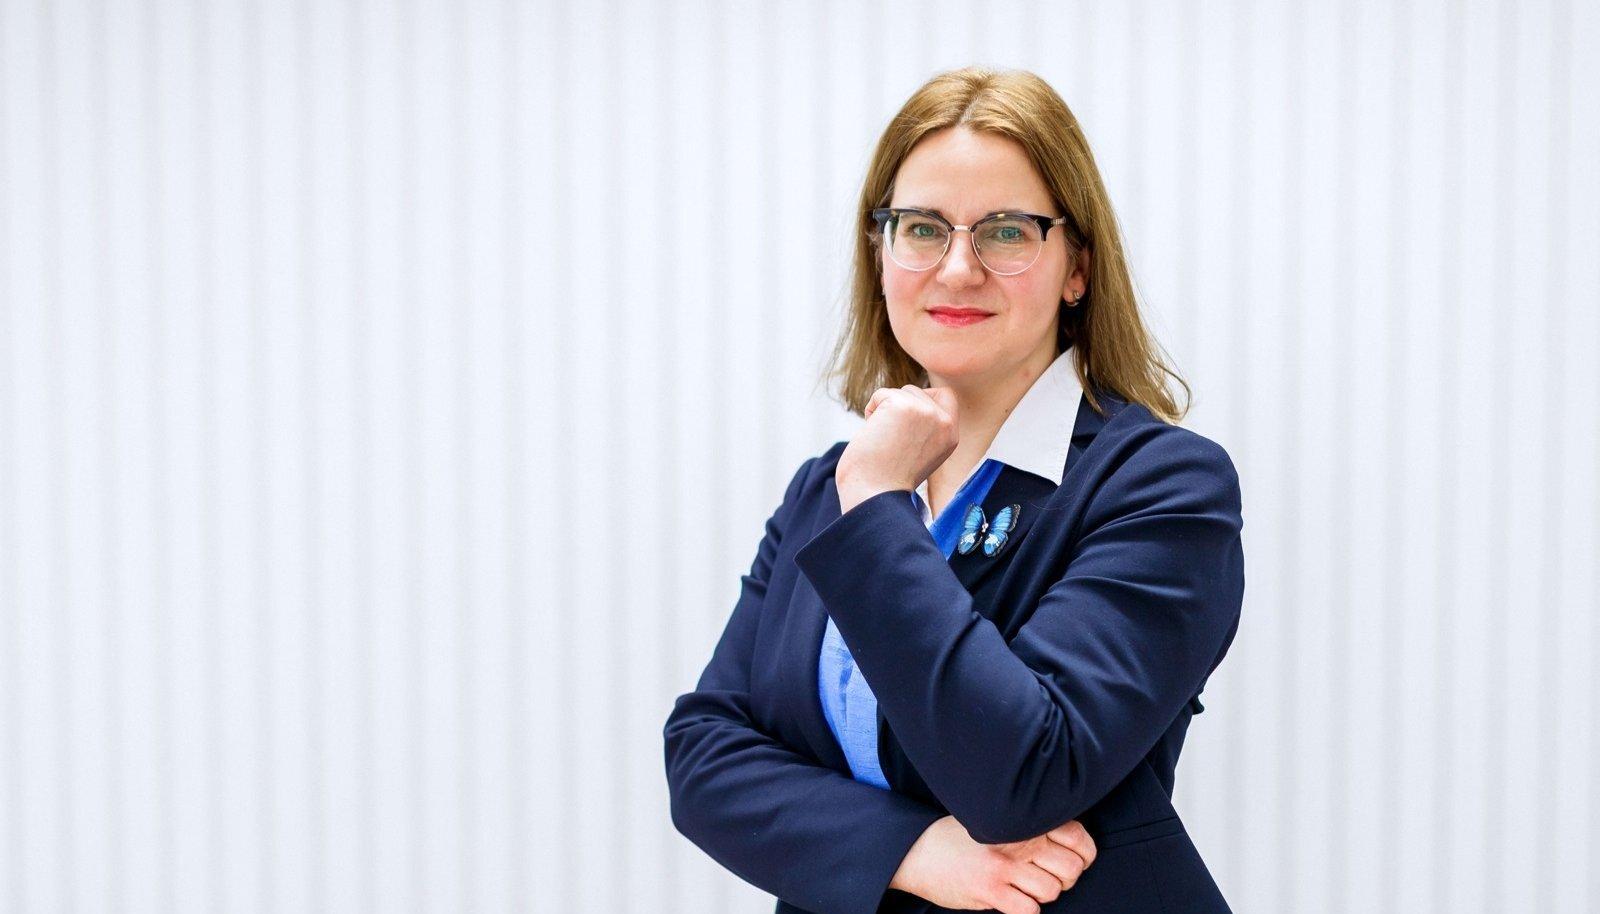 Võrdõigusvolinik Liisa-Ly Pakosta ütleb, et vanemad peaksid lapse heaolu nimel püüdma asjad omavahel niimoodi kokku leppida, et konflikti ei tekiks.